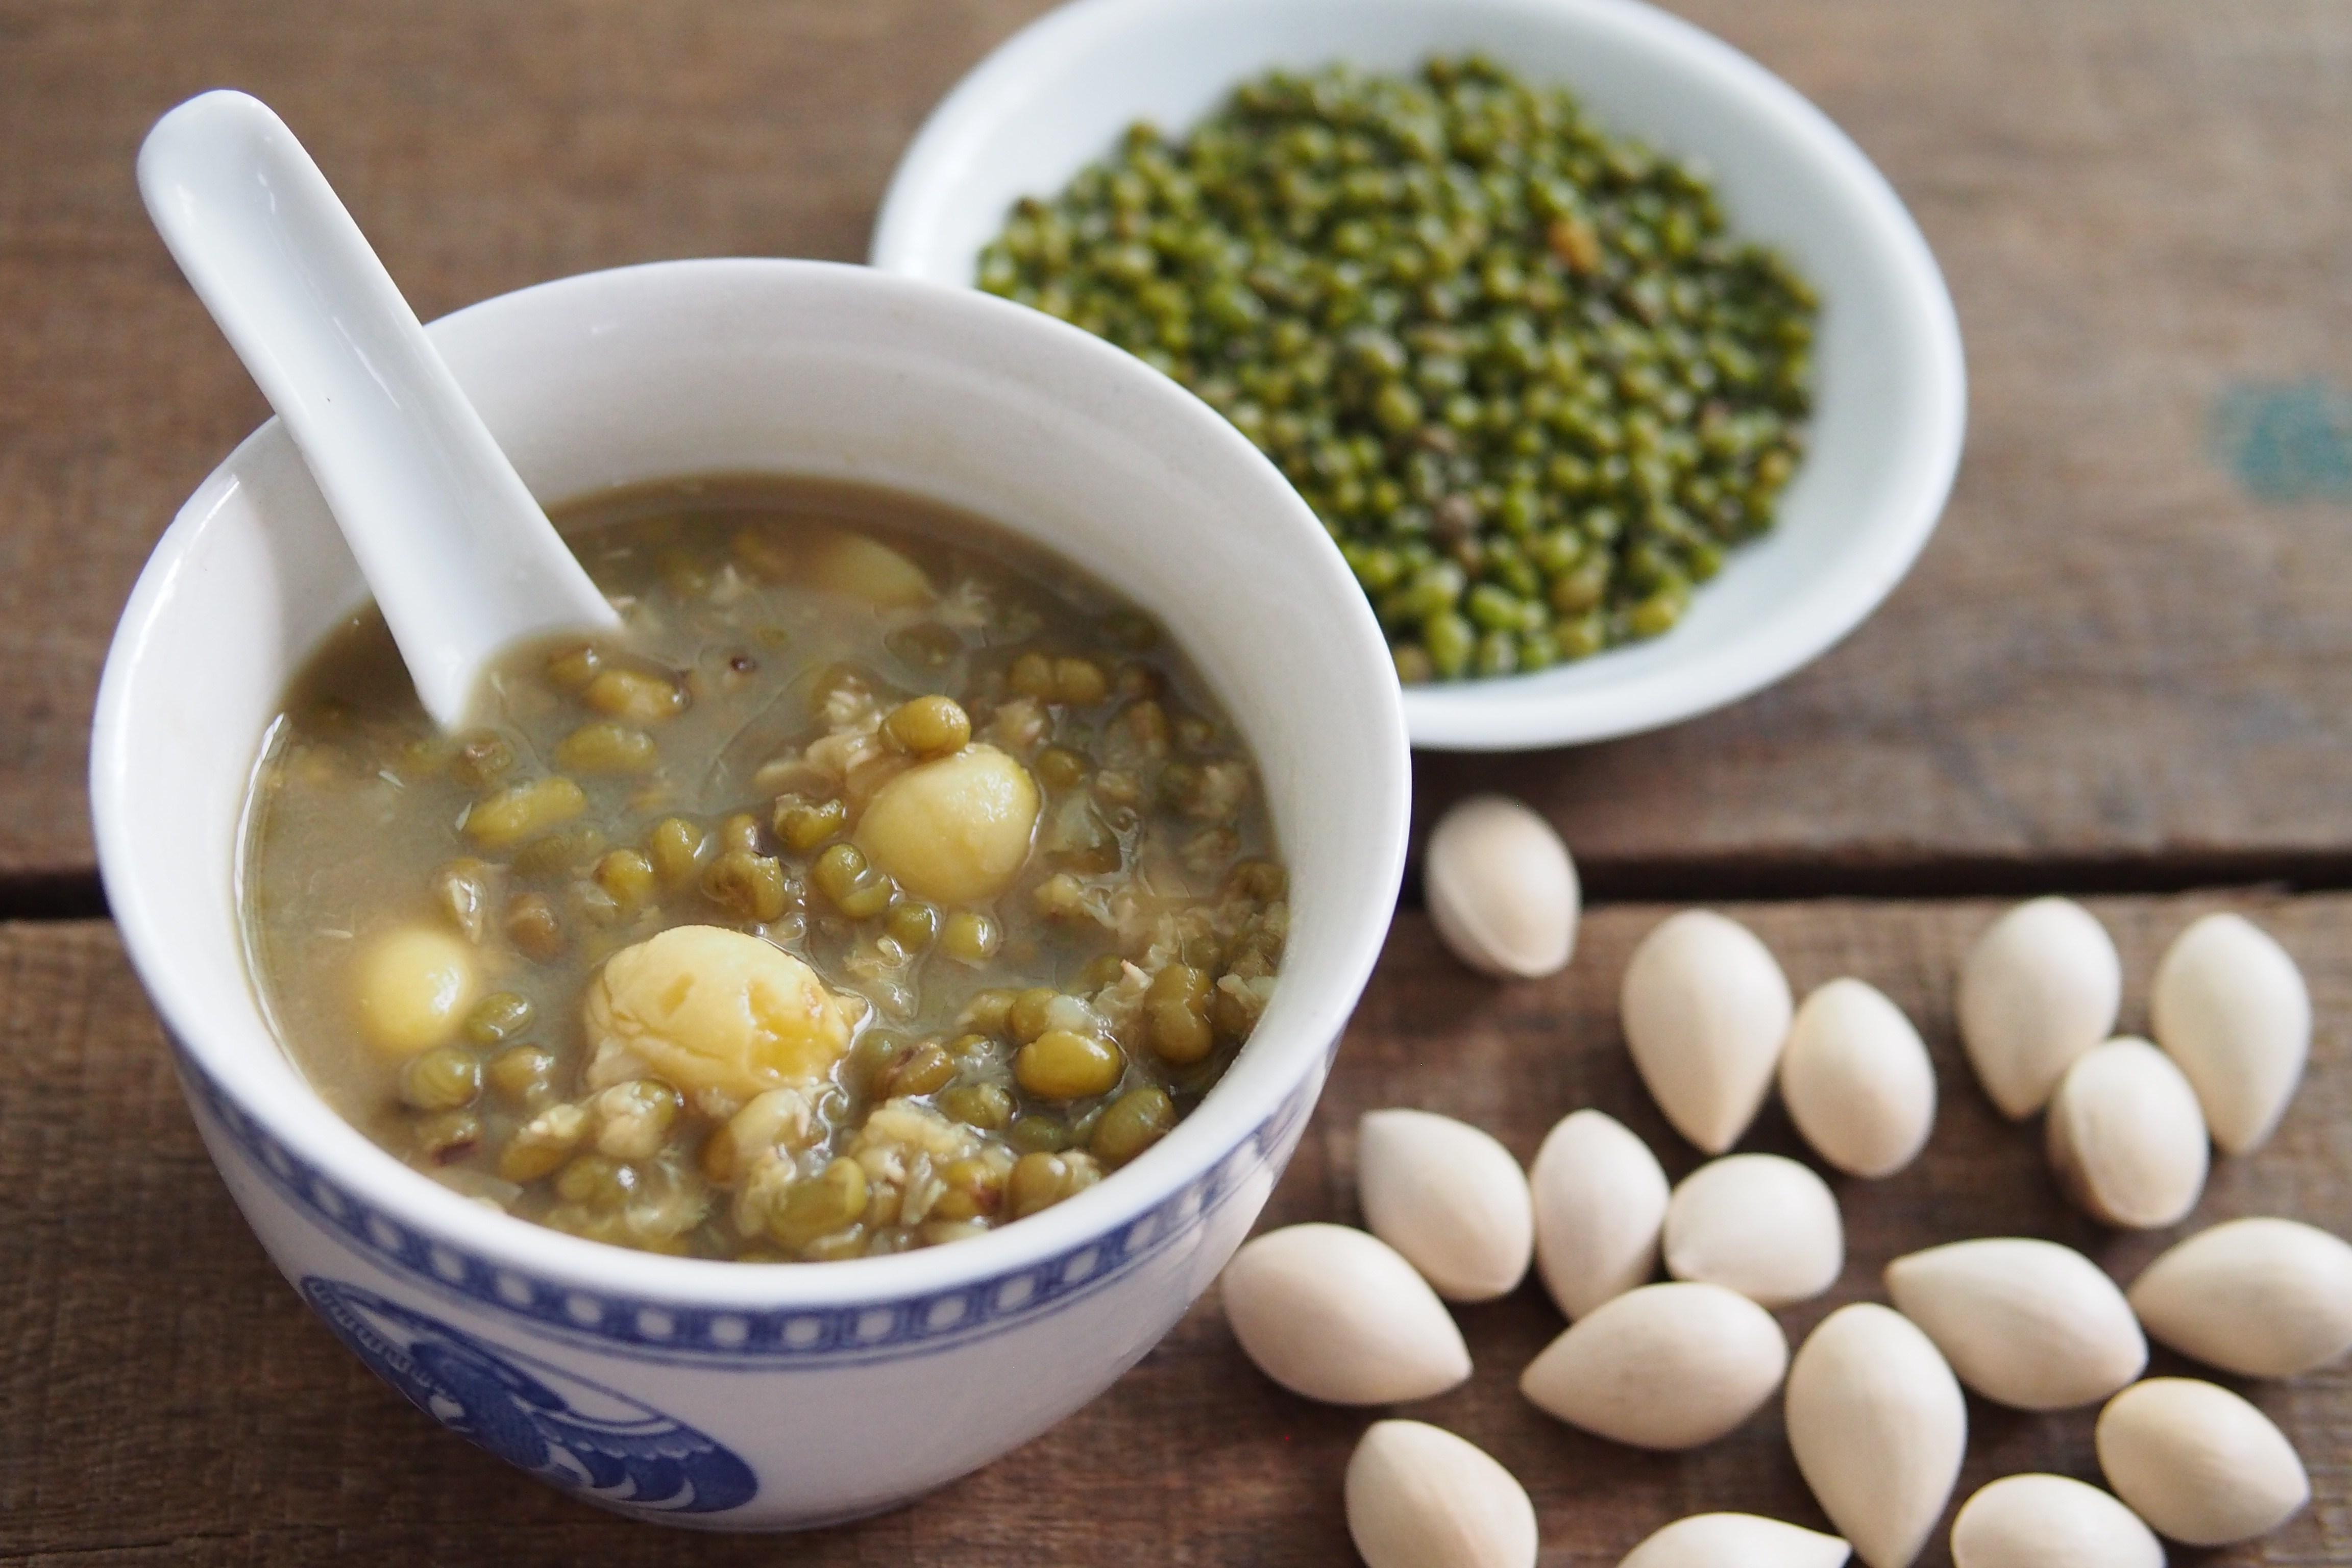 Калорийность бобы мунг (маш, фасоль золотистая), зрелые семена, вареные, без доб. соли. химический состав и пищевая ценность.